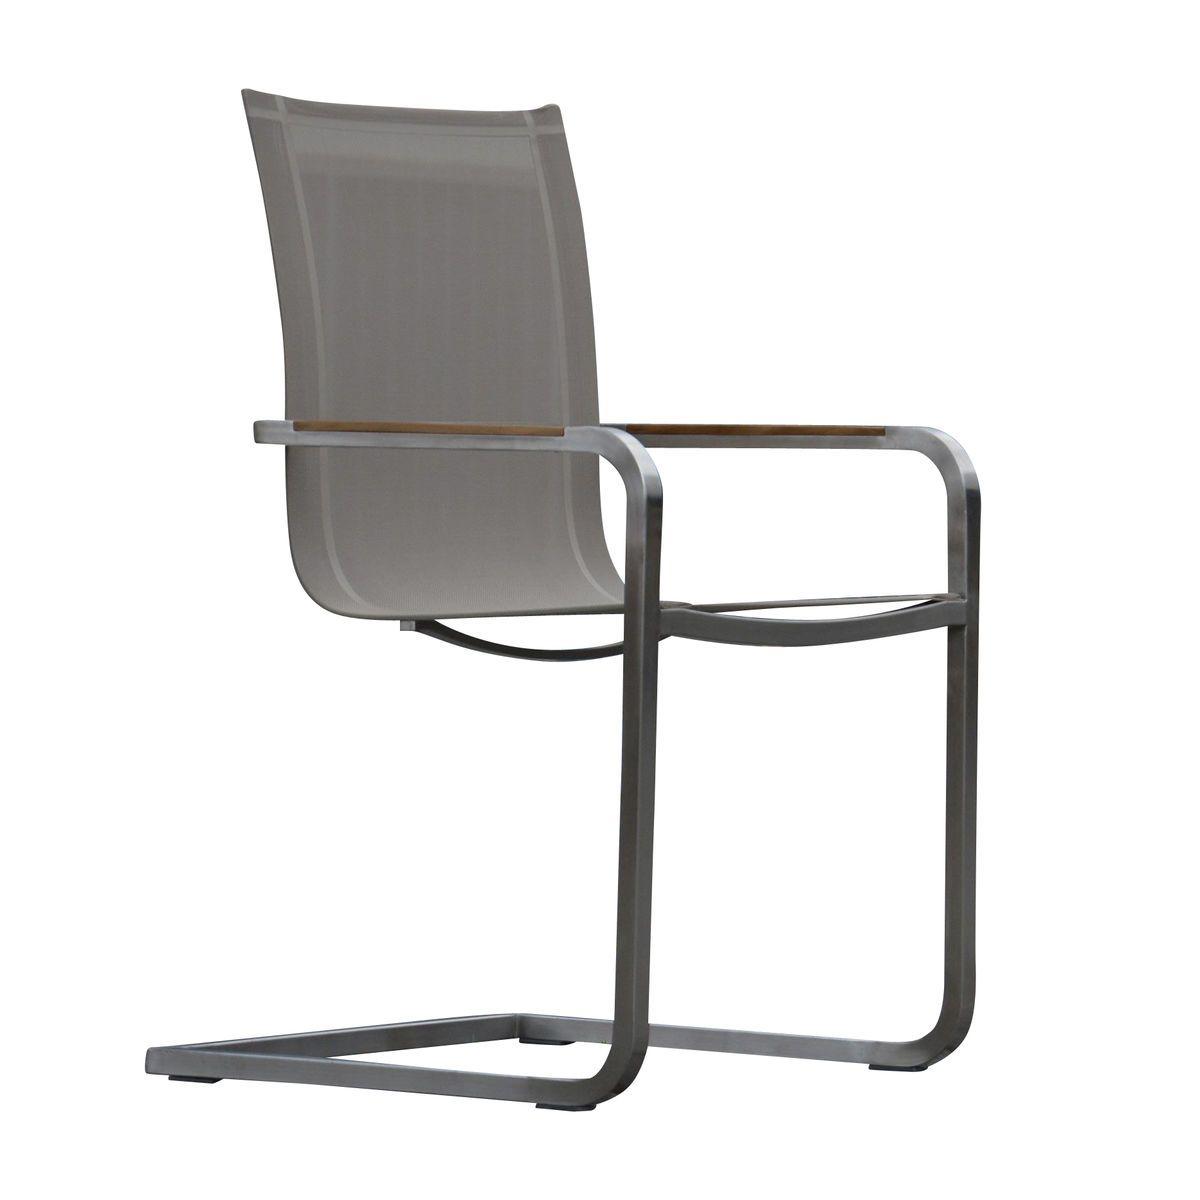 lux chaise cantilever chaise de jardin jan kurtz. Black Bedroom Furniture Sets. Home Design Ideas